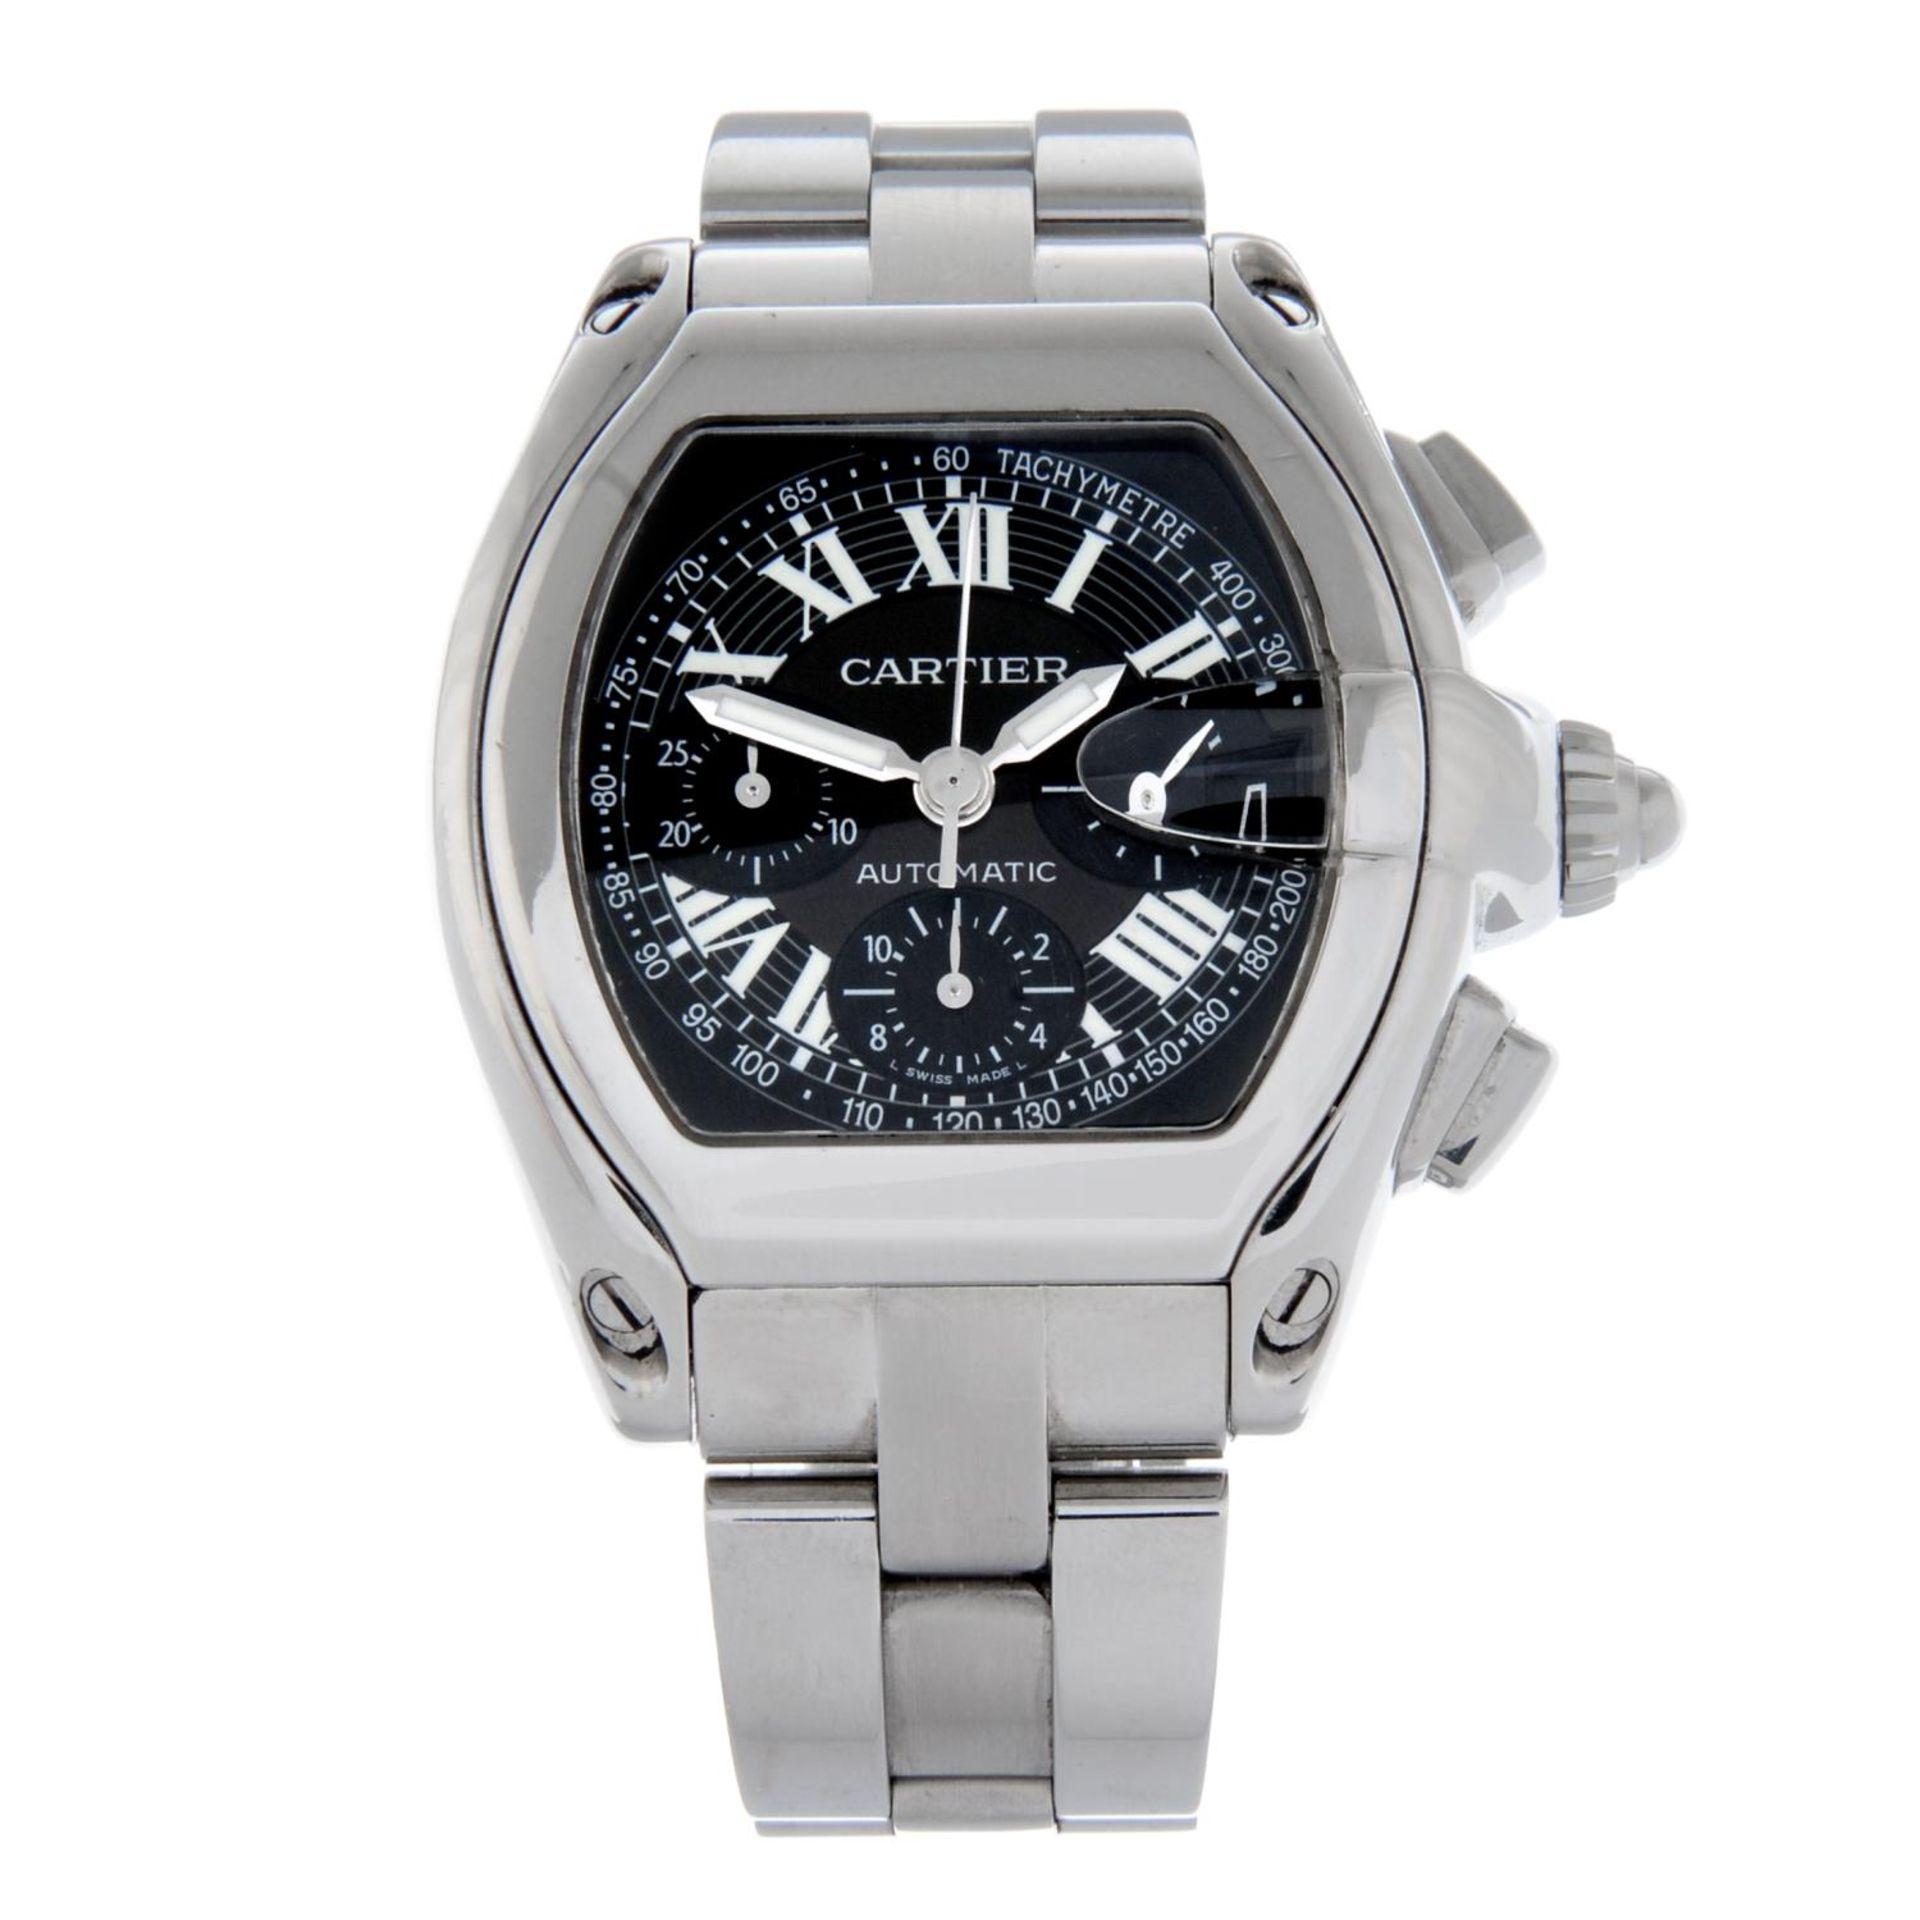 CARTIER - a Roadster XL chronograph bracelet watch.